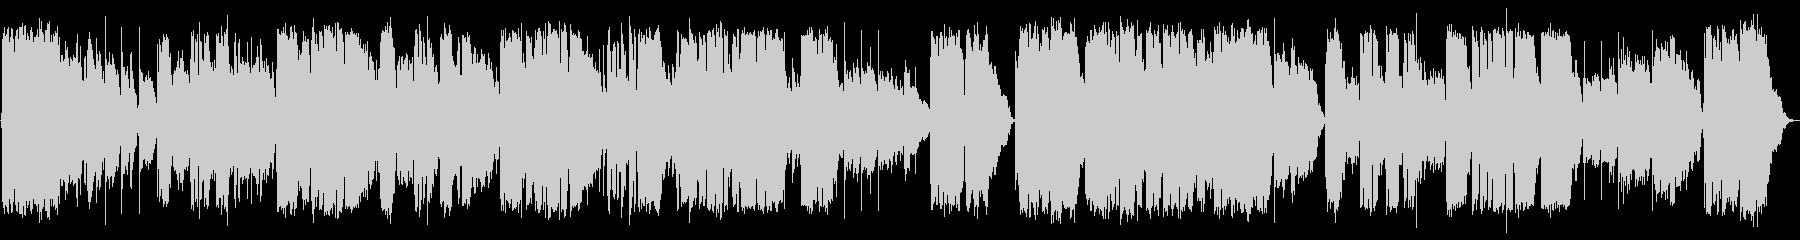 英語洋楽:ポール風・清楚な多声バラードの未再生の波形